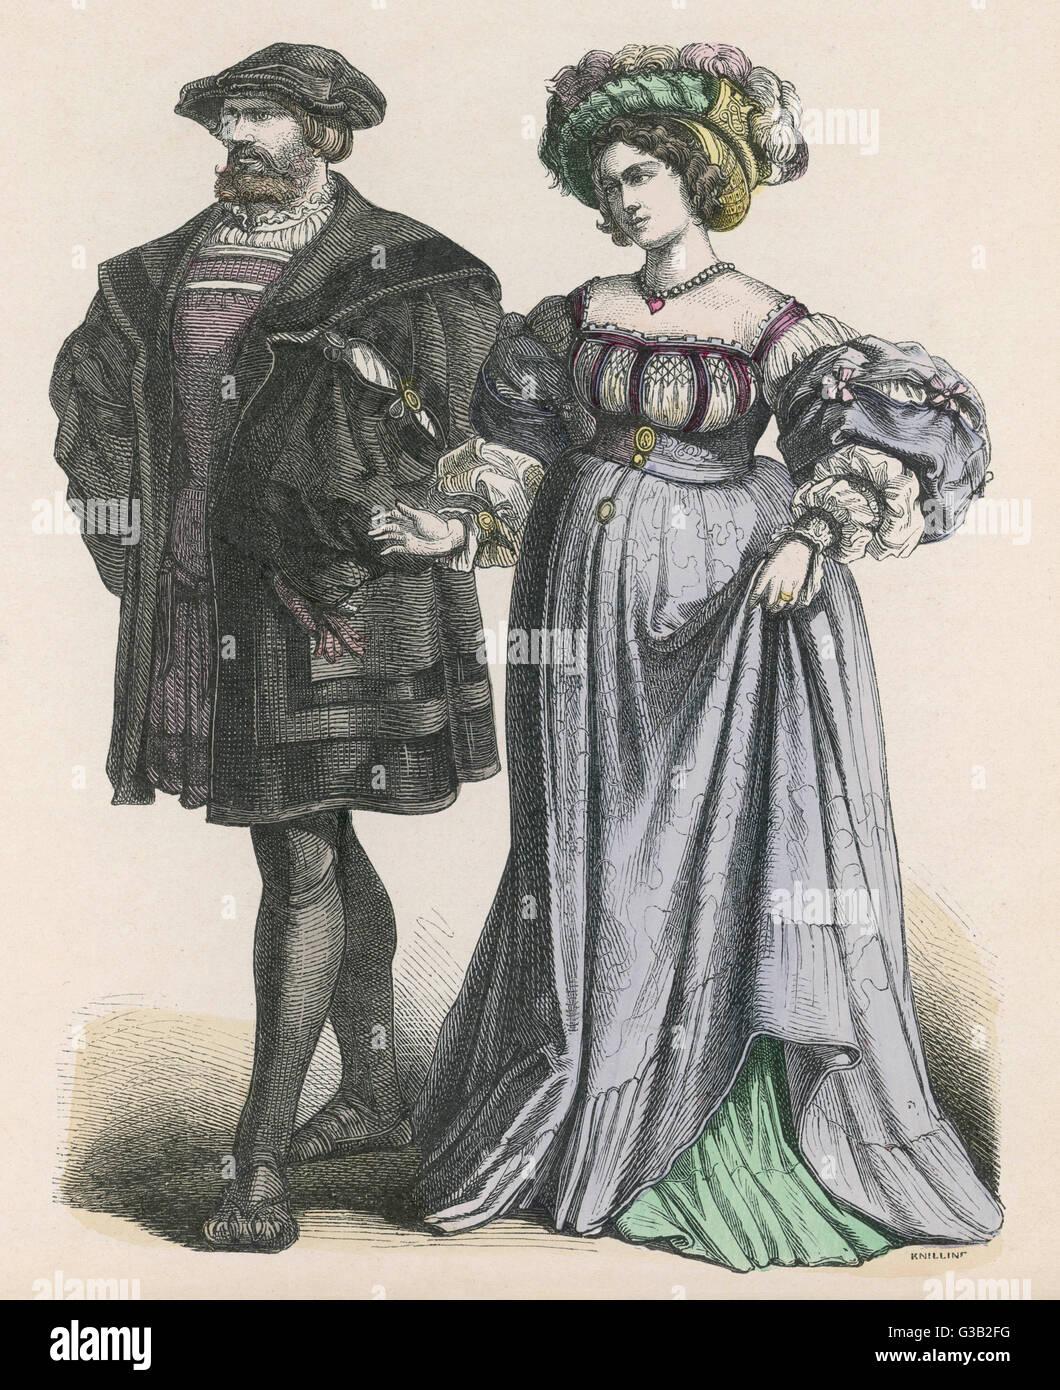 Una coppia di leader cittadini Data: circa 1515 Immagini Stock